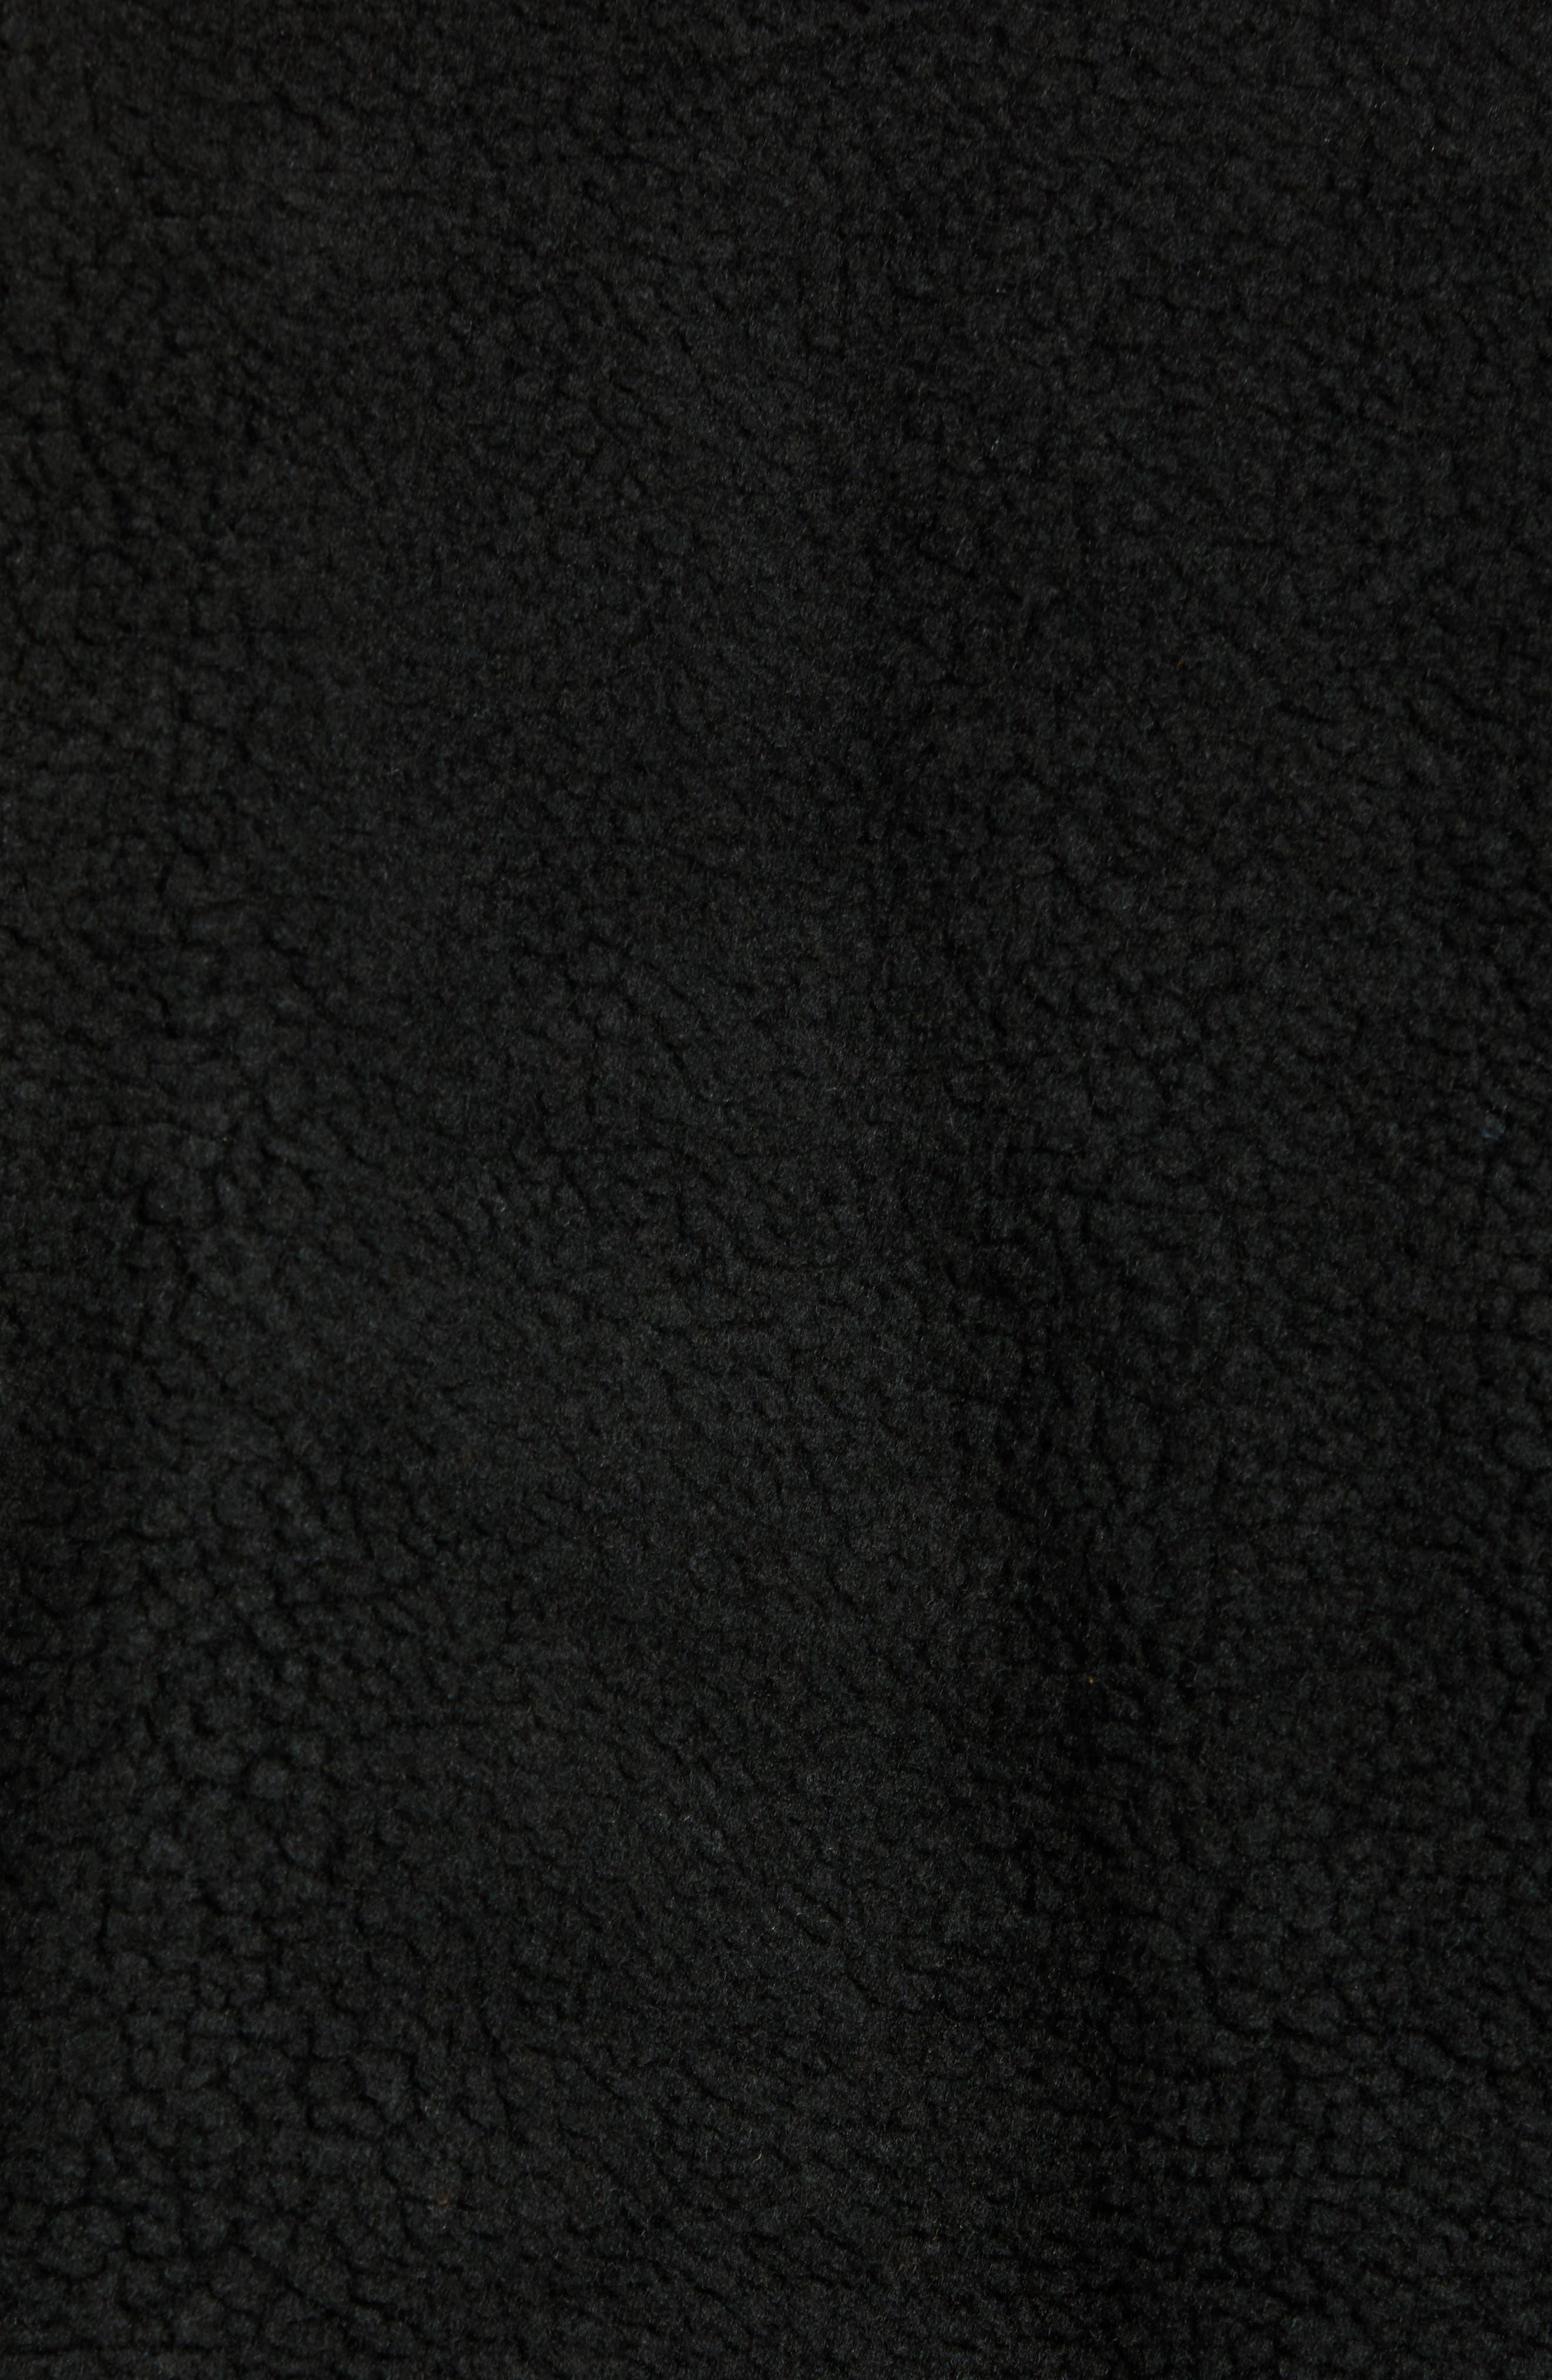 Global Trespassers Fleece Pullover,                             Alternate thumbnail 5, color,                             001